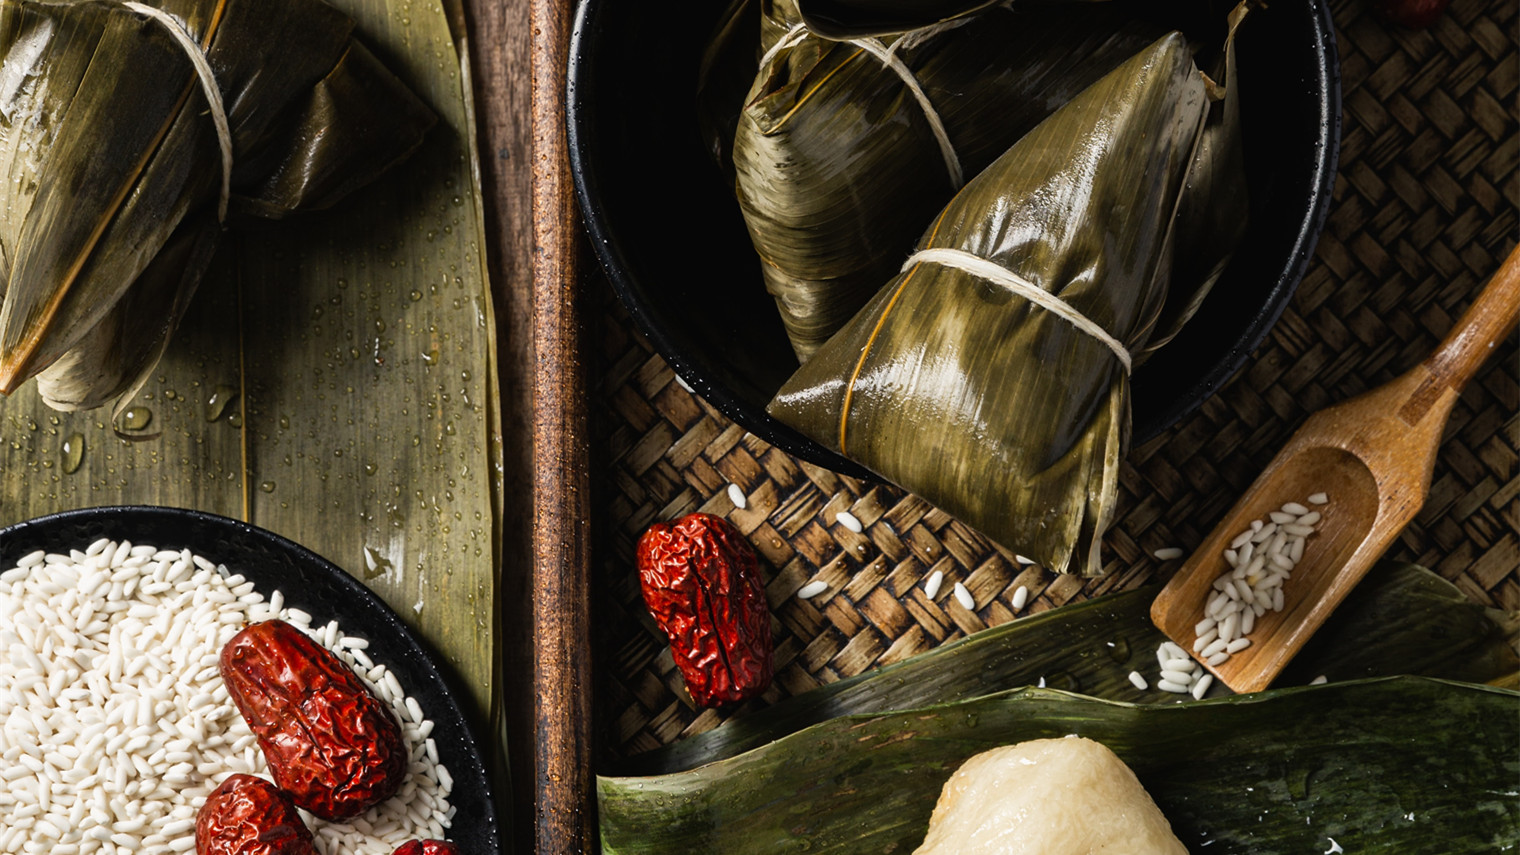 靠涨价维持粽子业务,开了474家门店的五芳斋能挽回颓势吗?